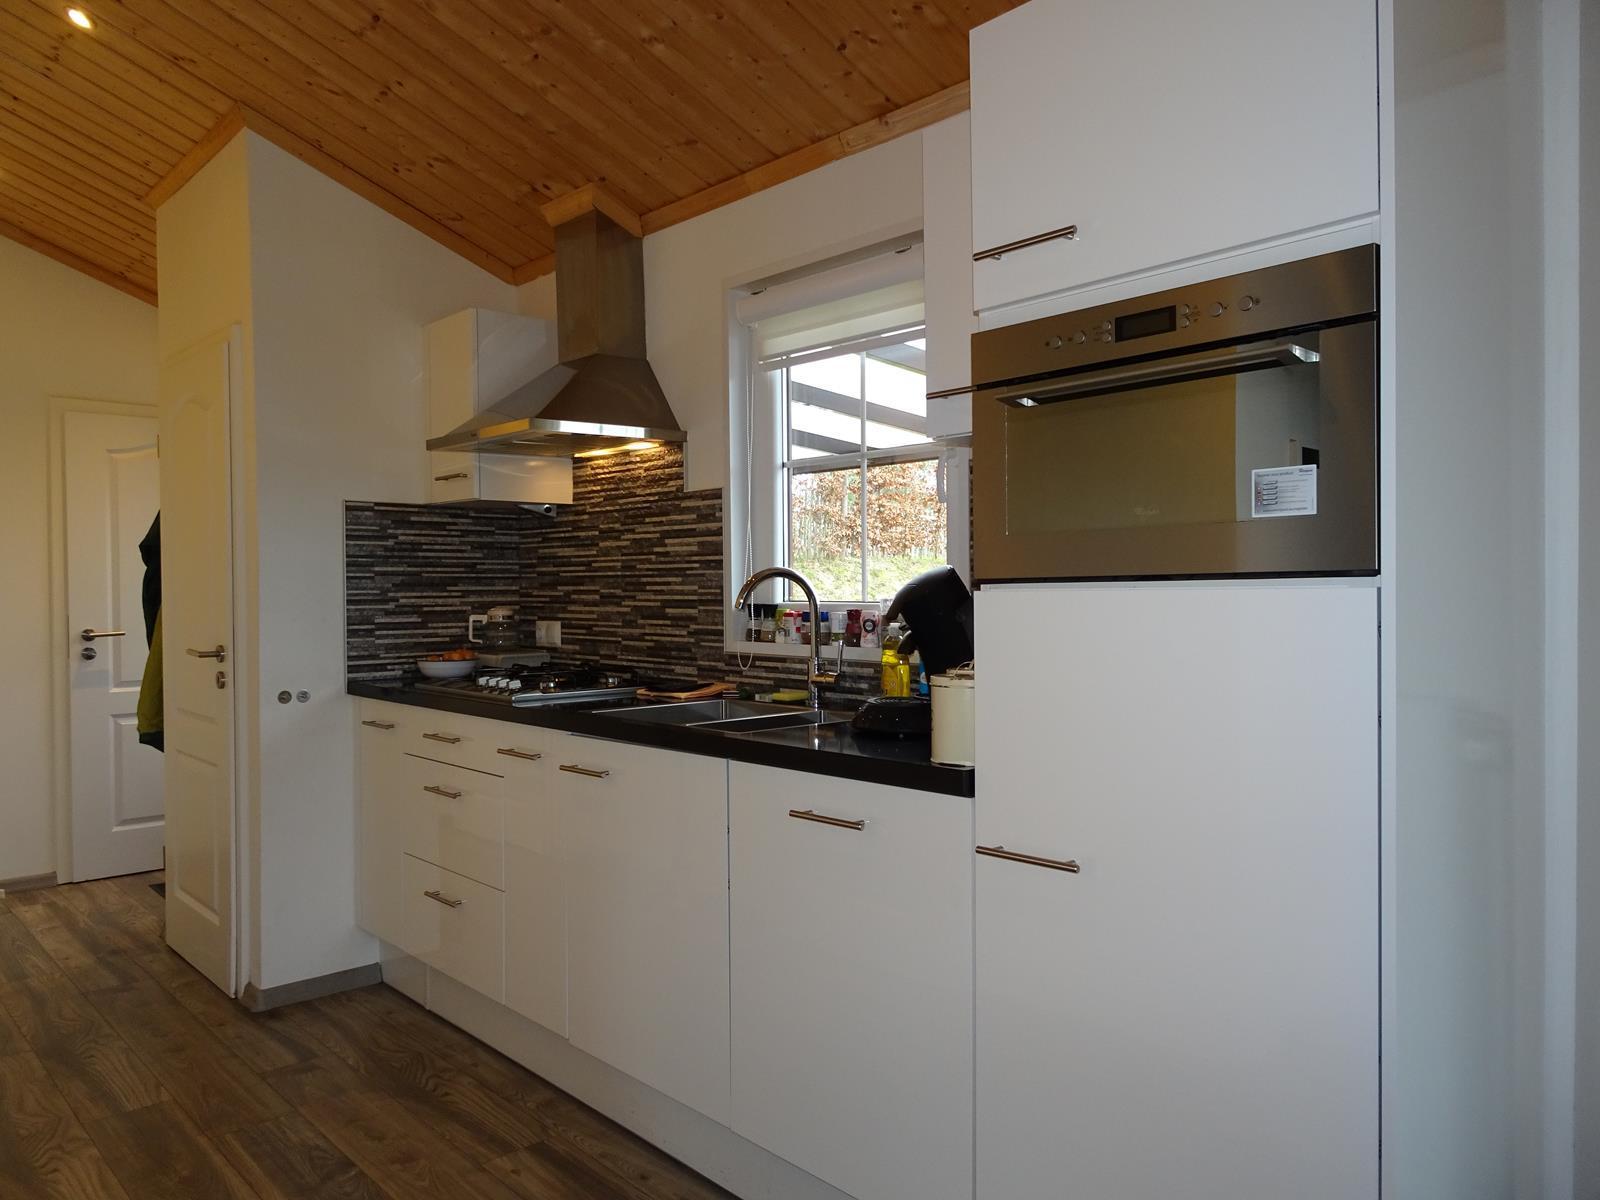 Vakantiehuis te koop Limburg Brunssum 010.jpg